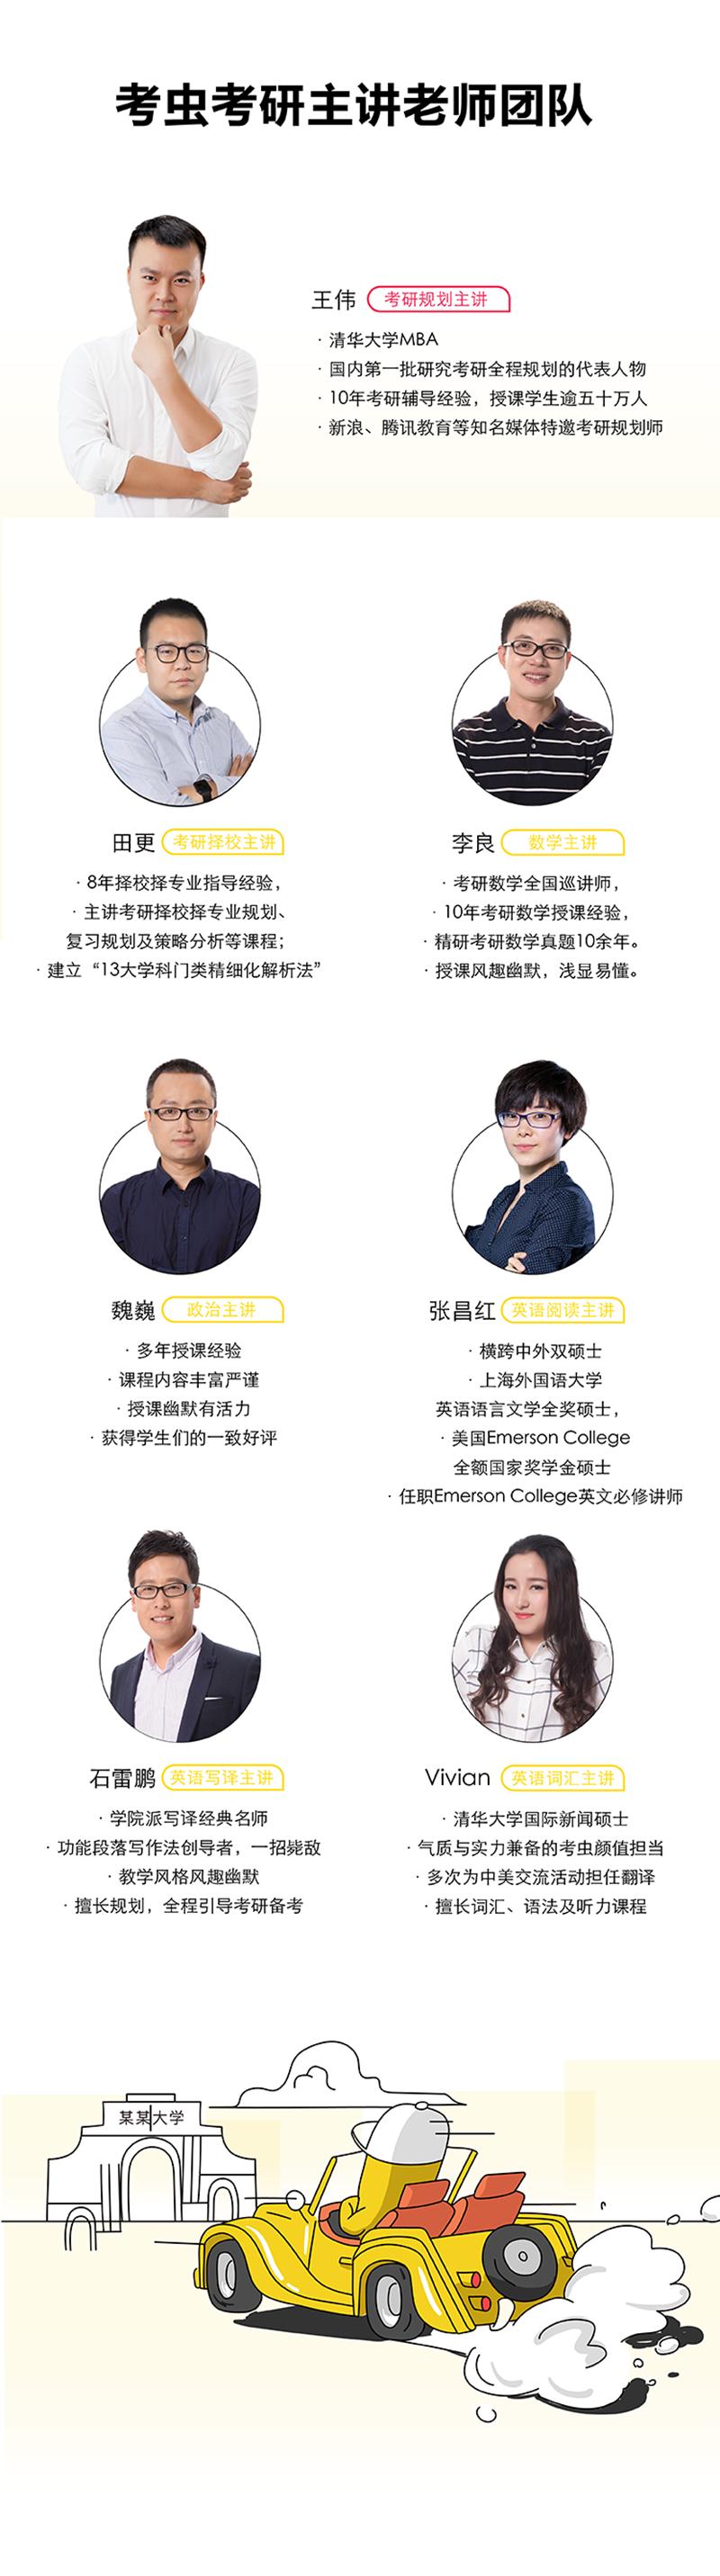 考研9元课详情图-02.png